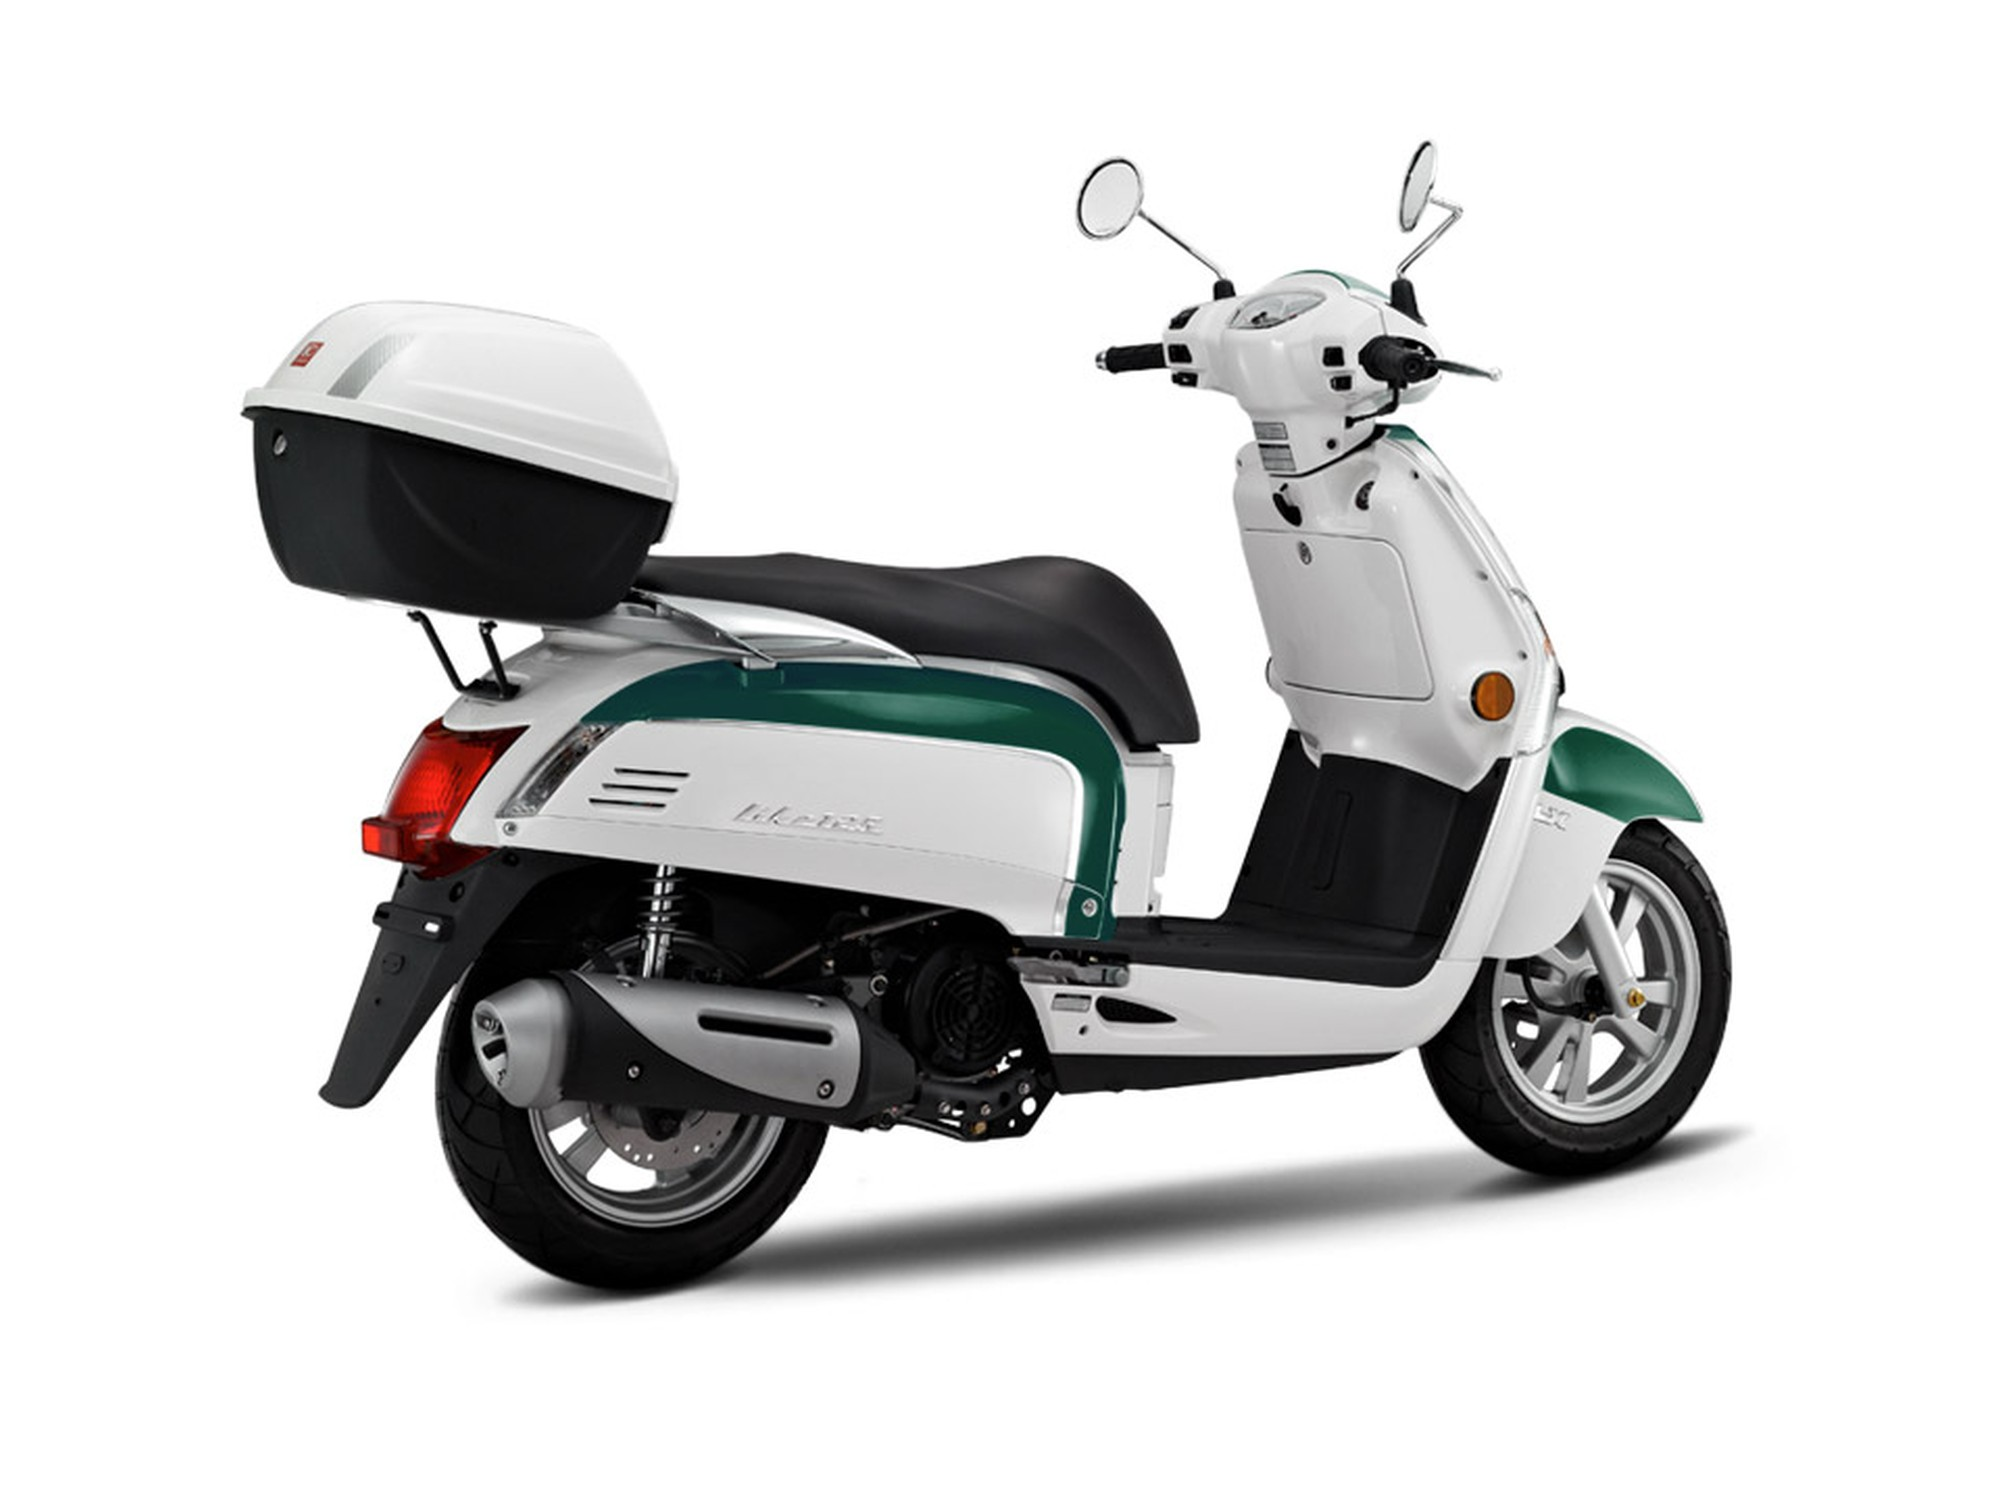 Gebrauchte und neue Kymco Like LX 50 2T Motorräder kaufen